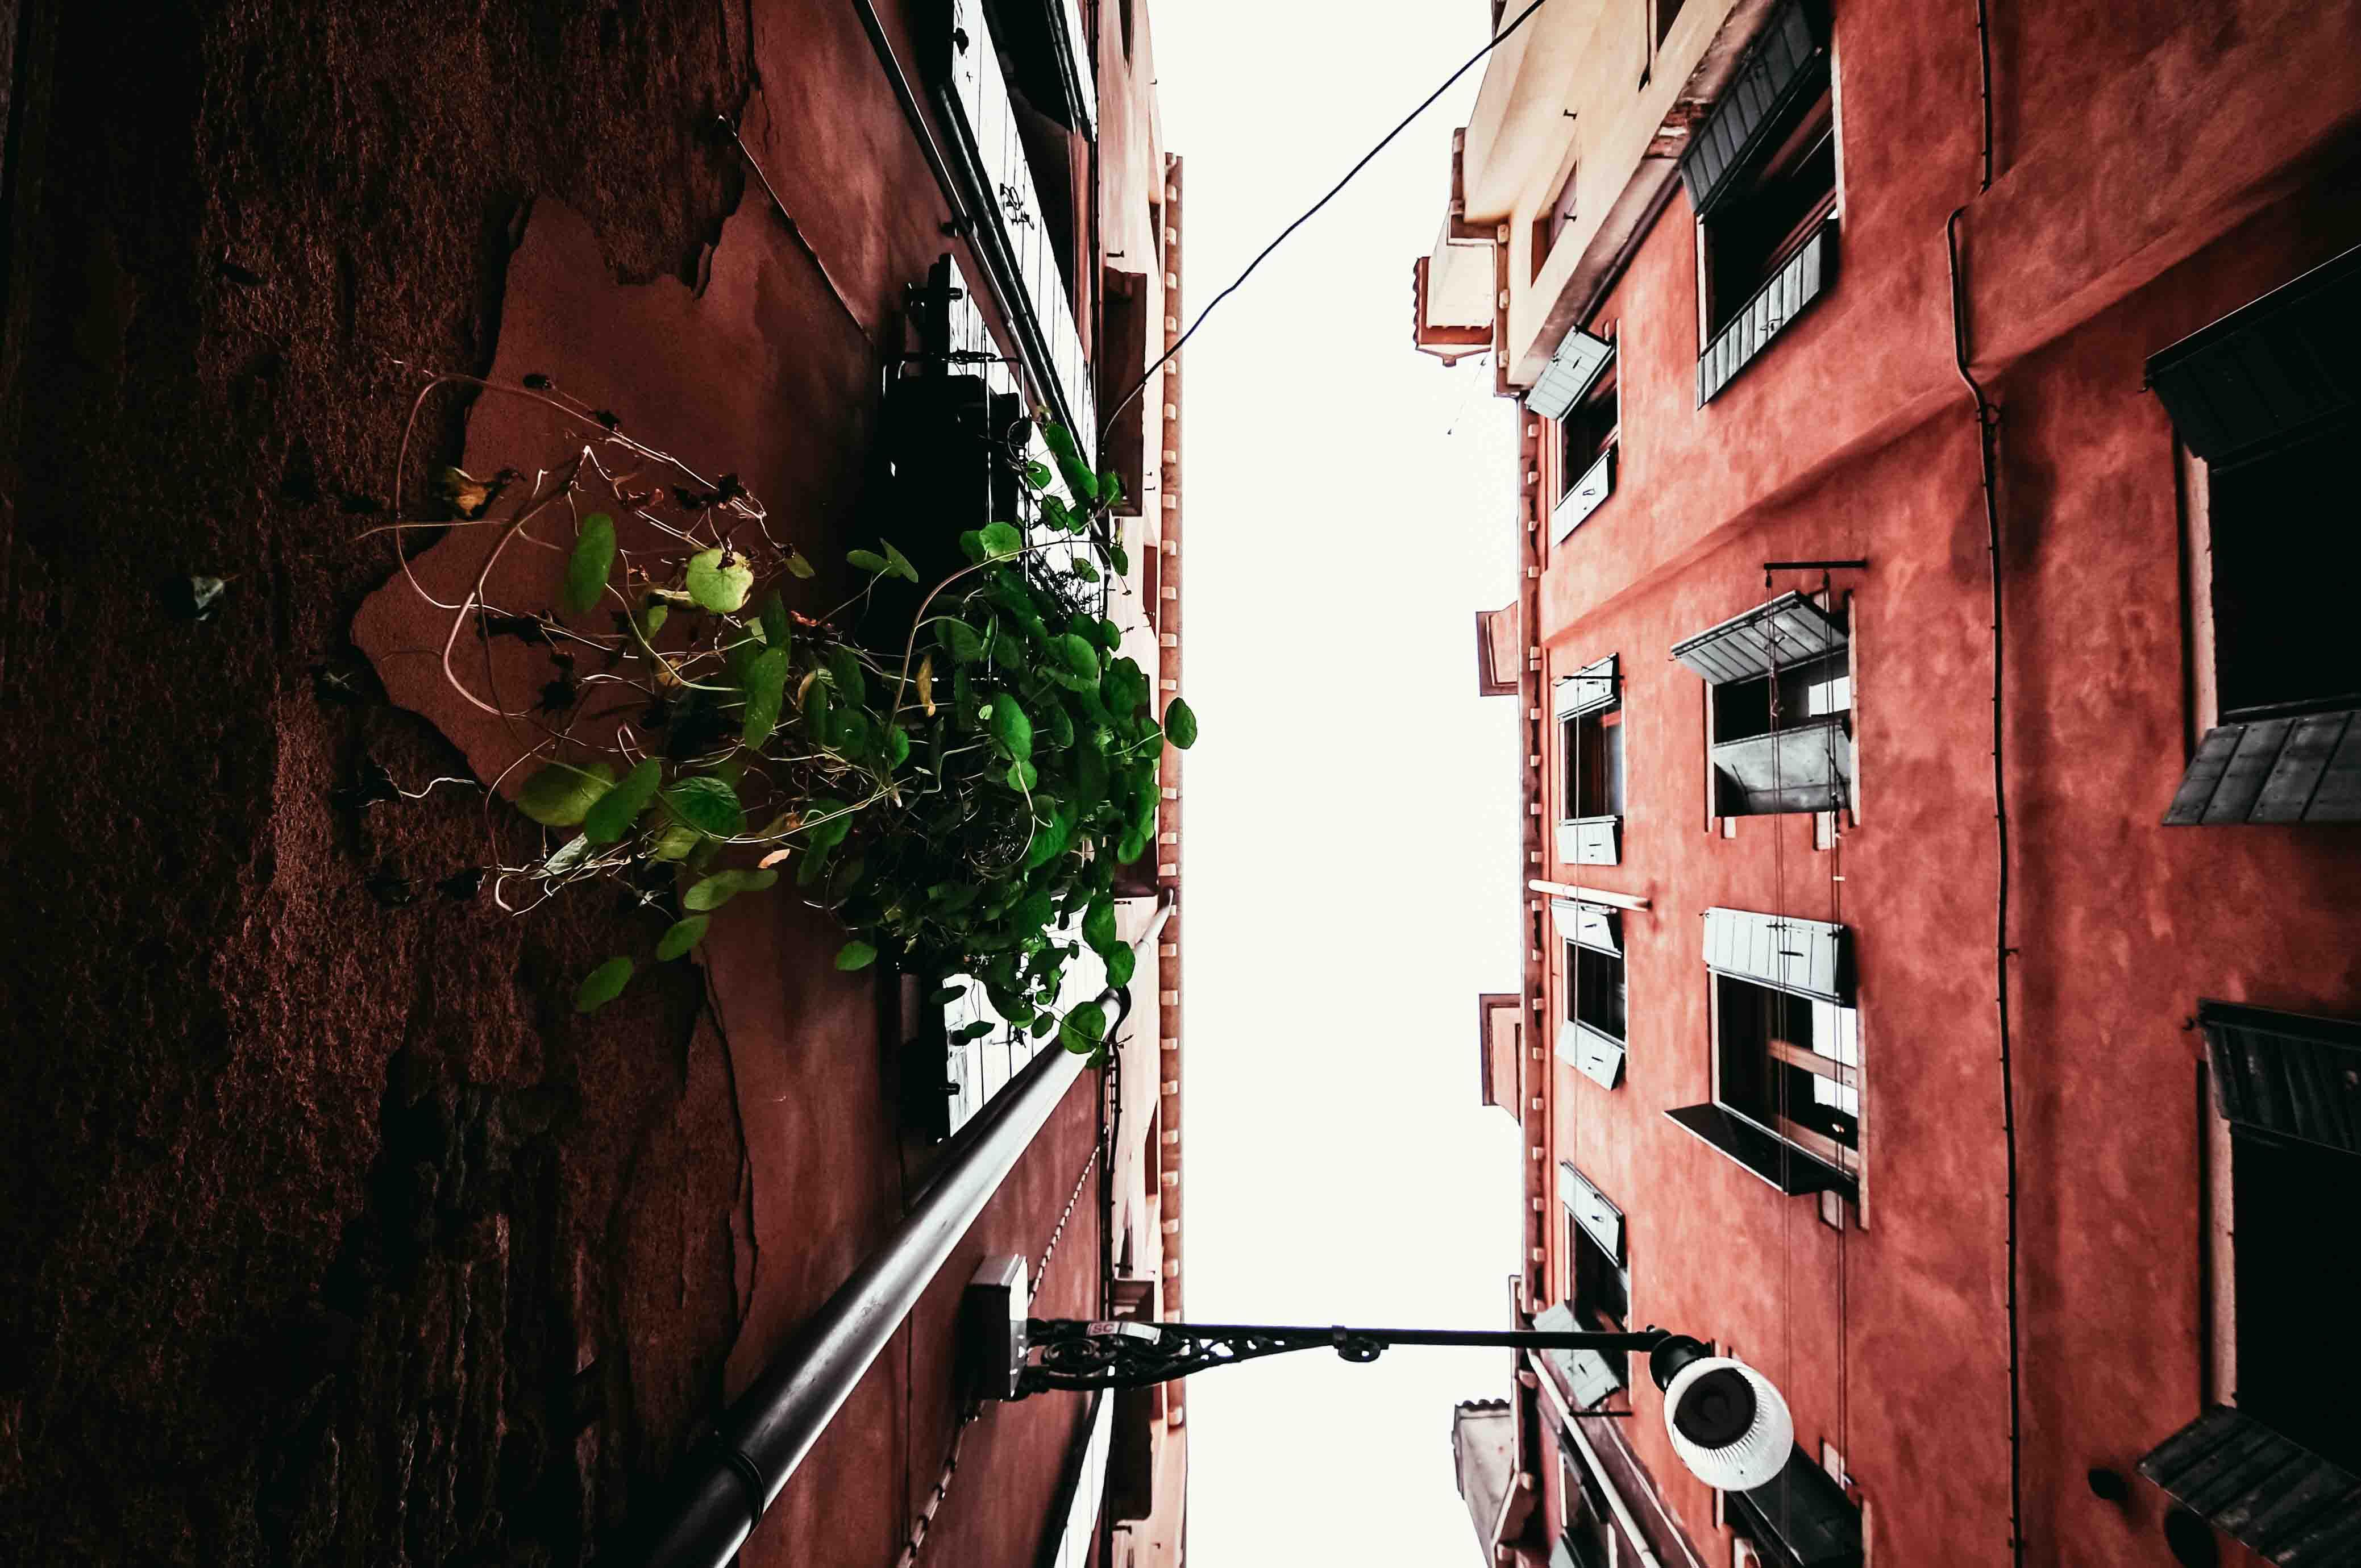 regole-flaneur-guardare-scoprire-camminando